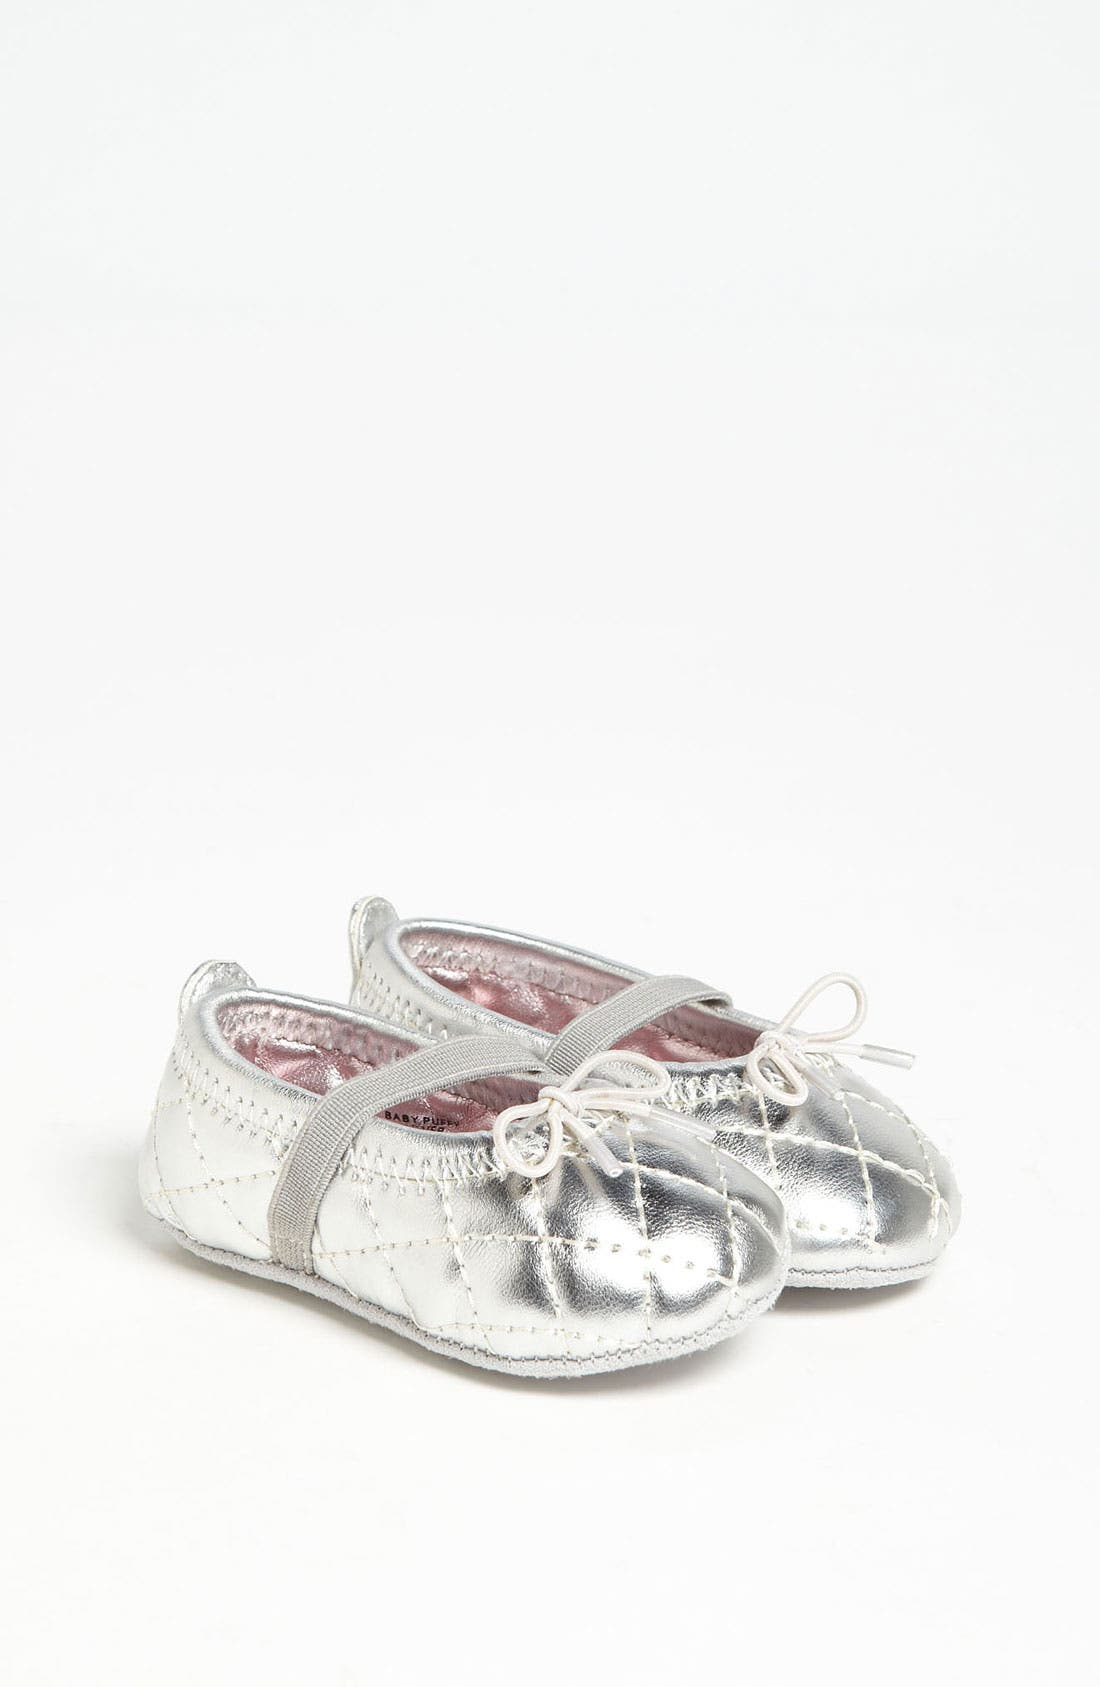 Main Image - Stuart Weitzman 'Baby Puffy' Crib Shoe (Baby)